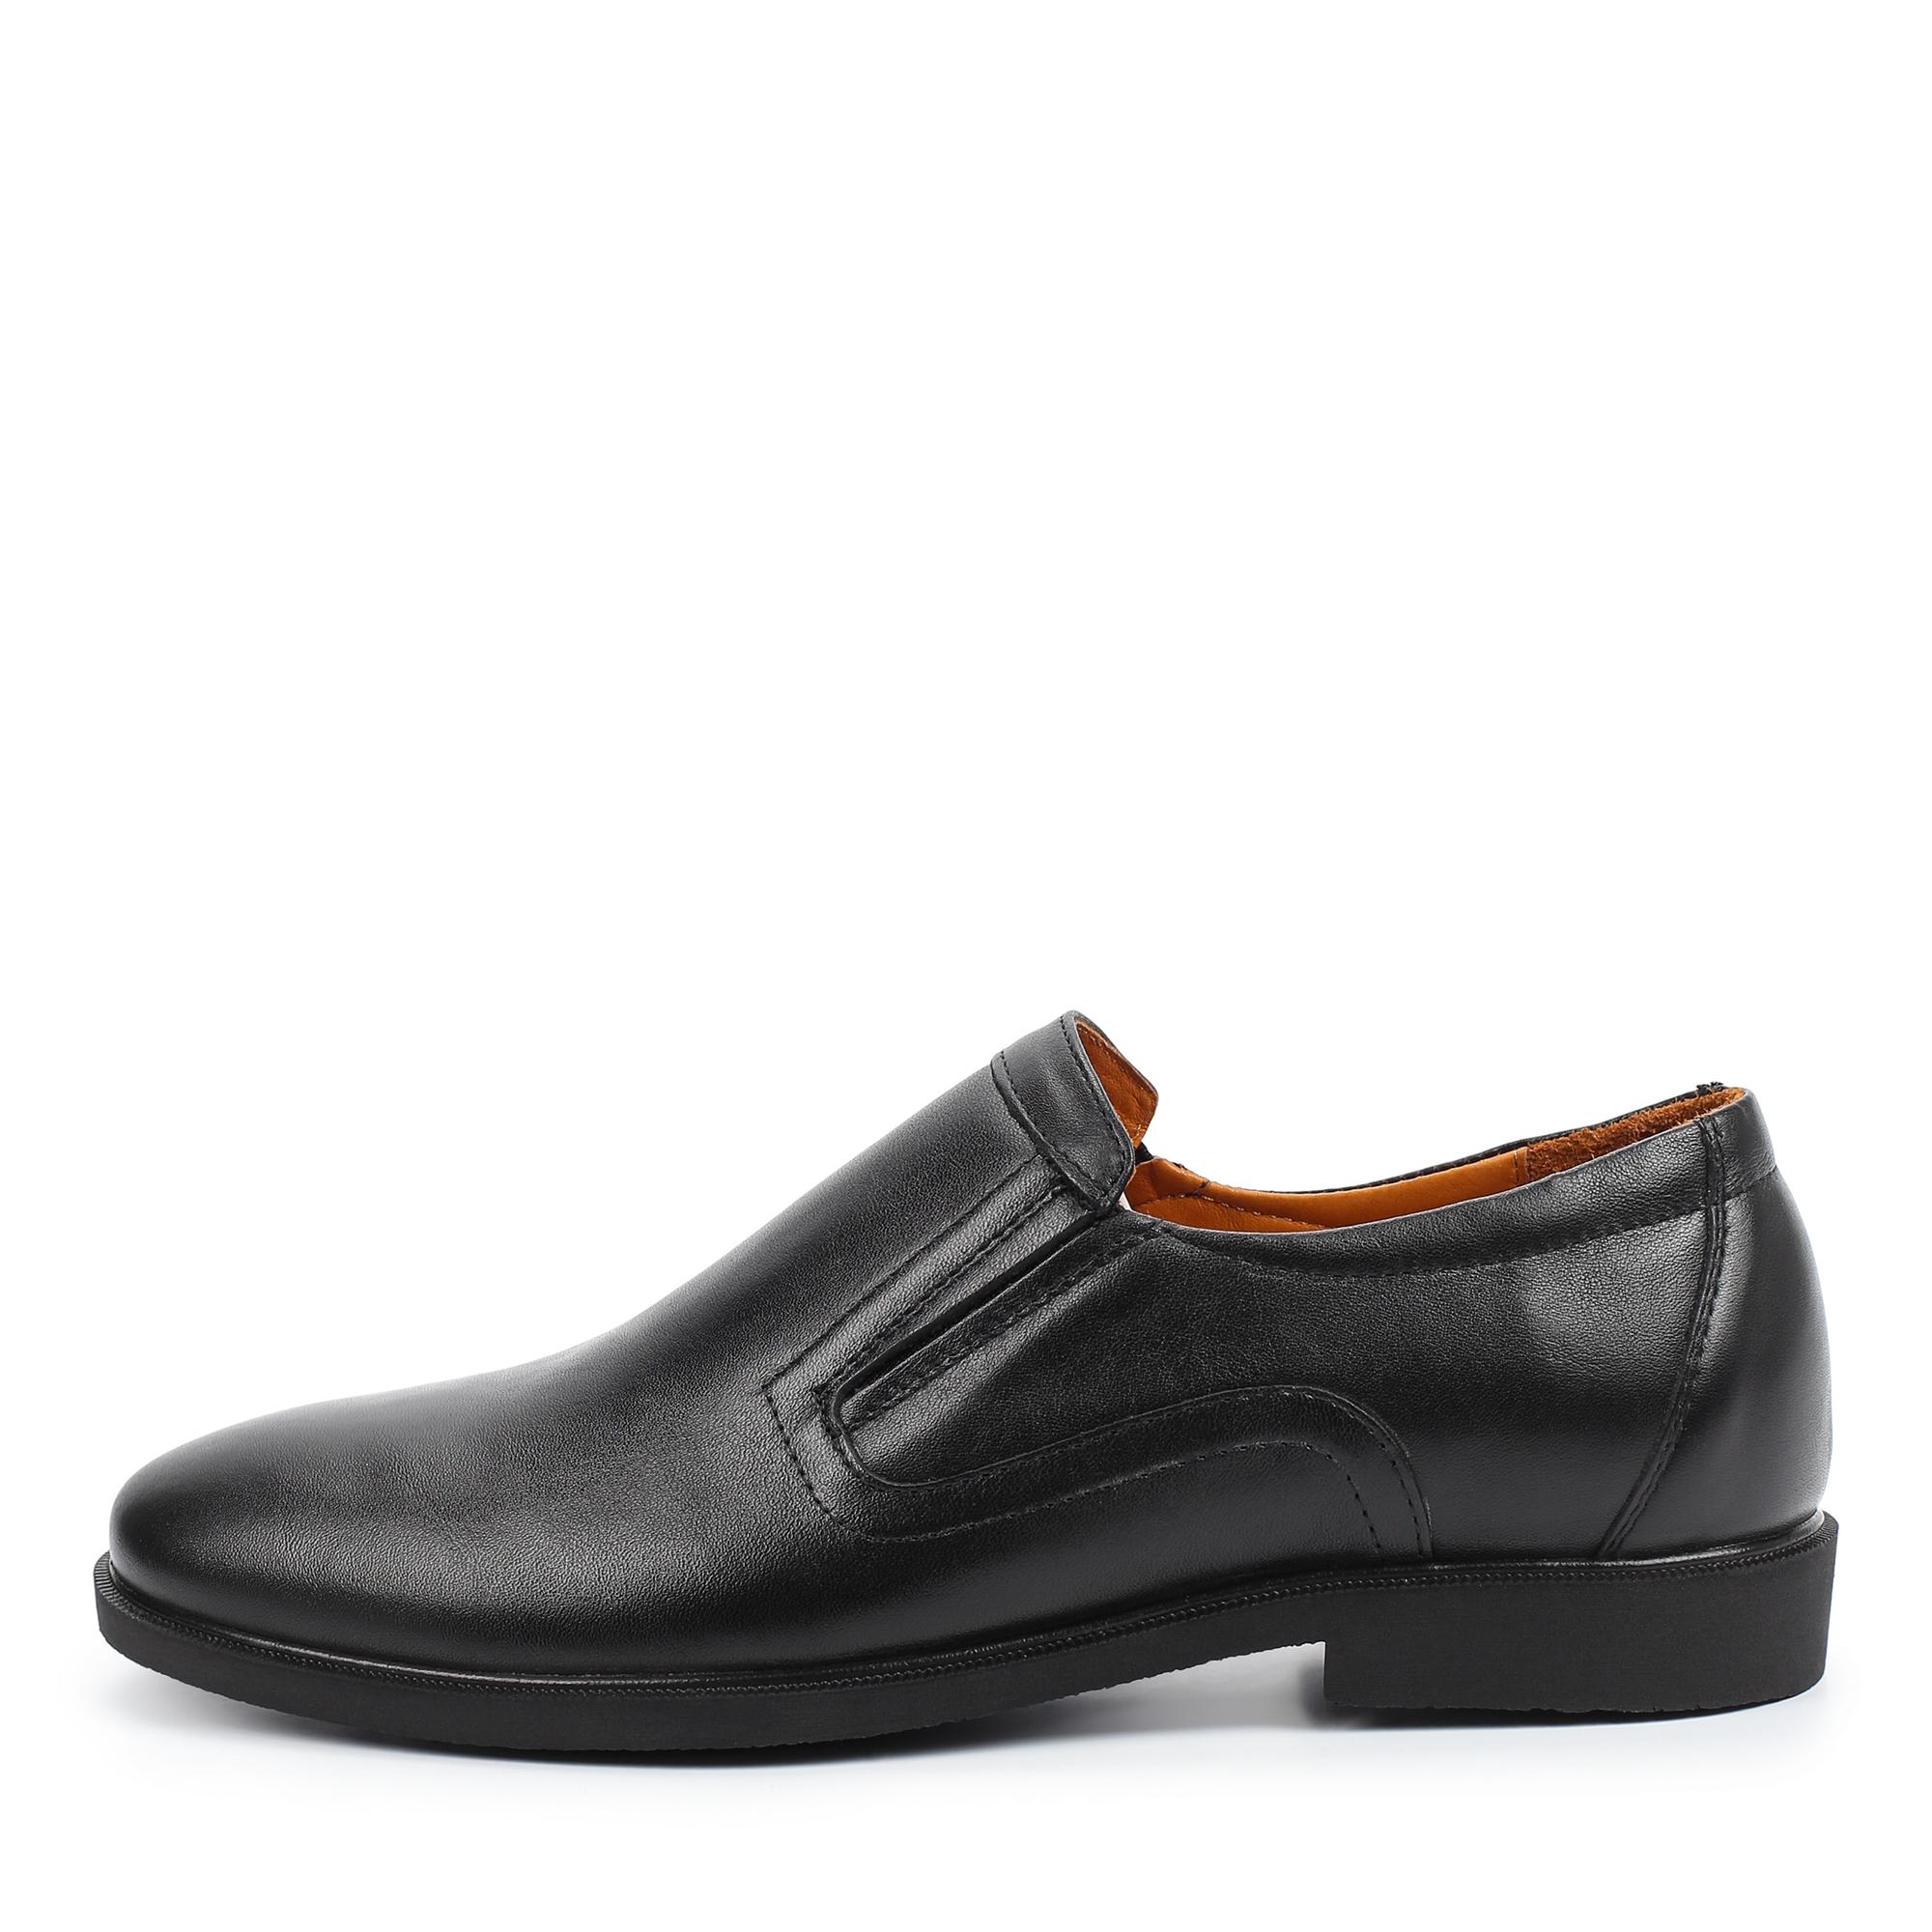 Туфли/полуботинки Salamander 331-063A-1102